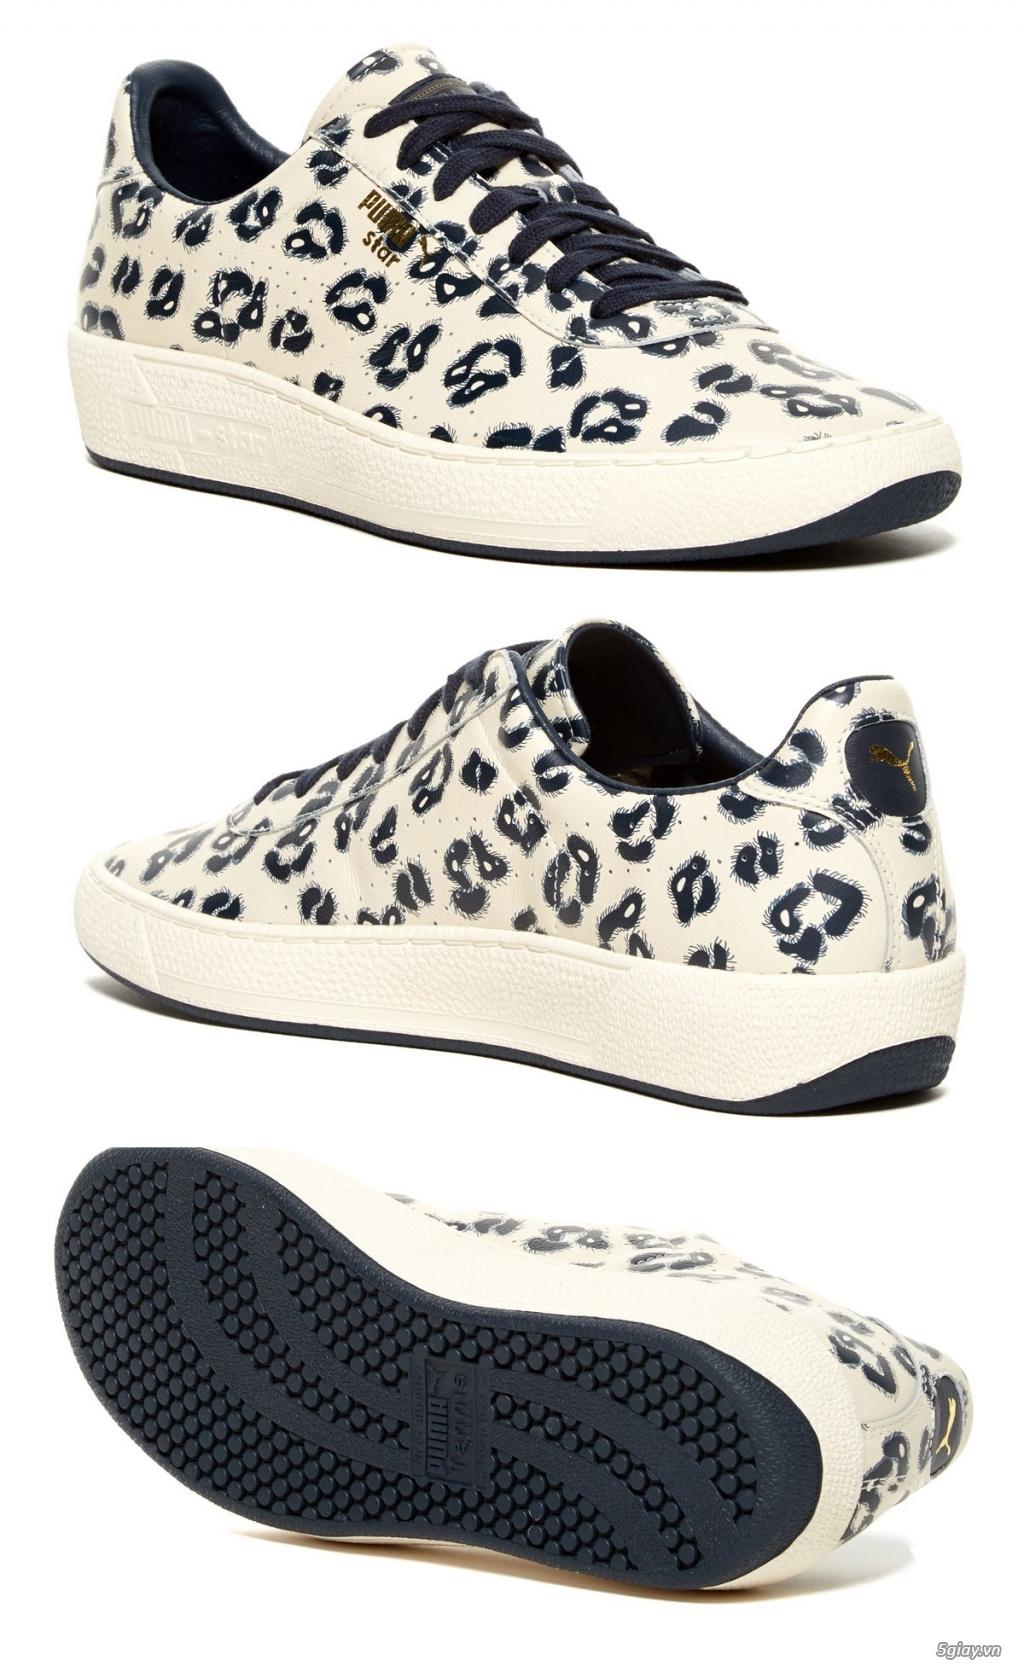 Giày dép hàng hiệu - xách tay 100% từ mỹ - 23